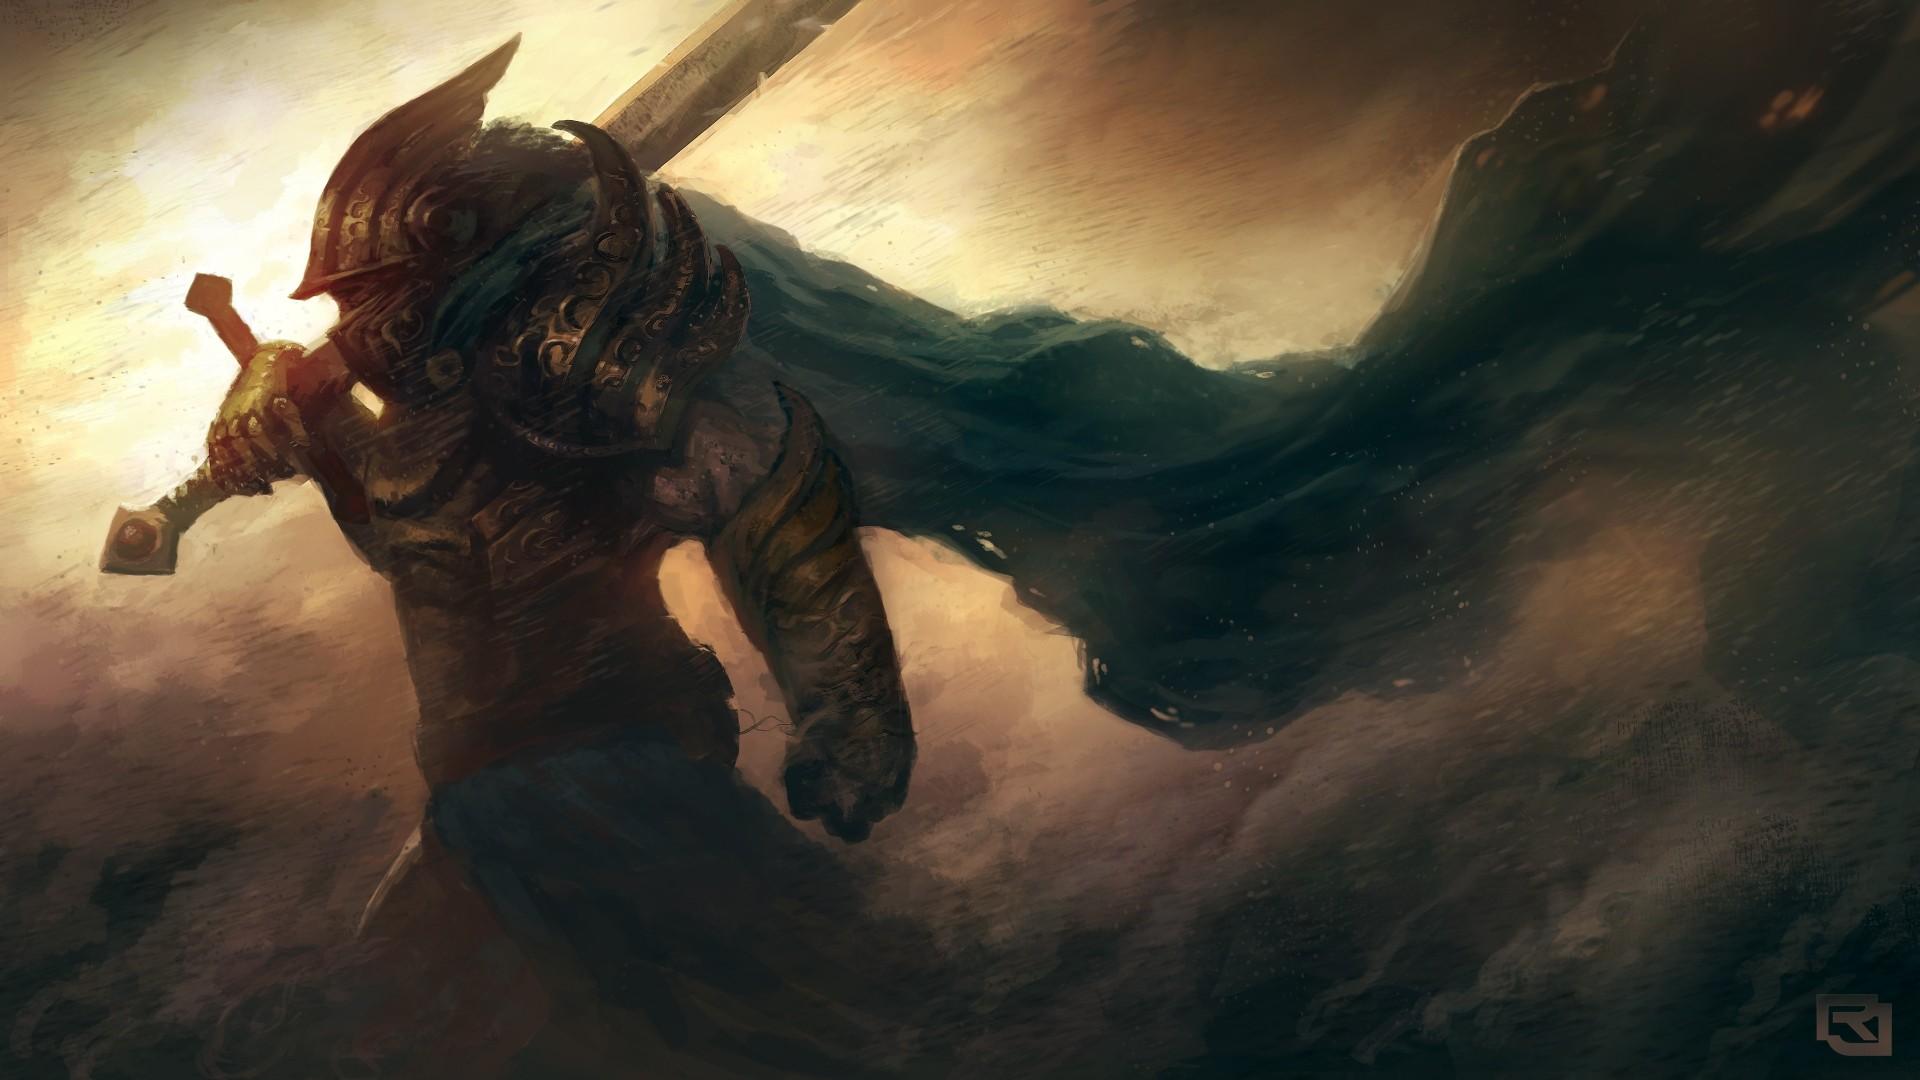 Wallpaper art, warrior, armor, helmet, sword, wind, storm